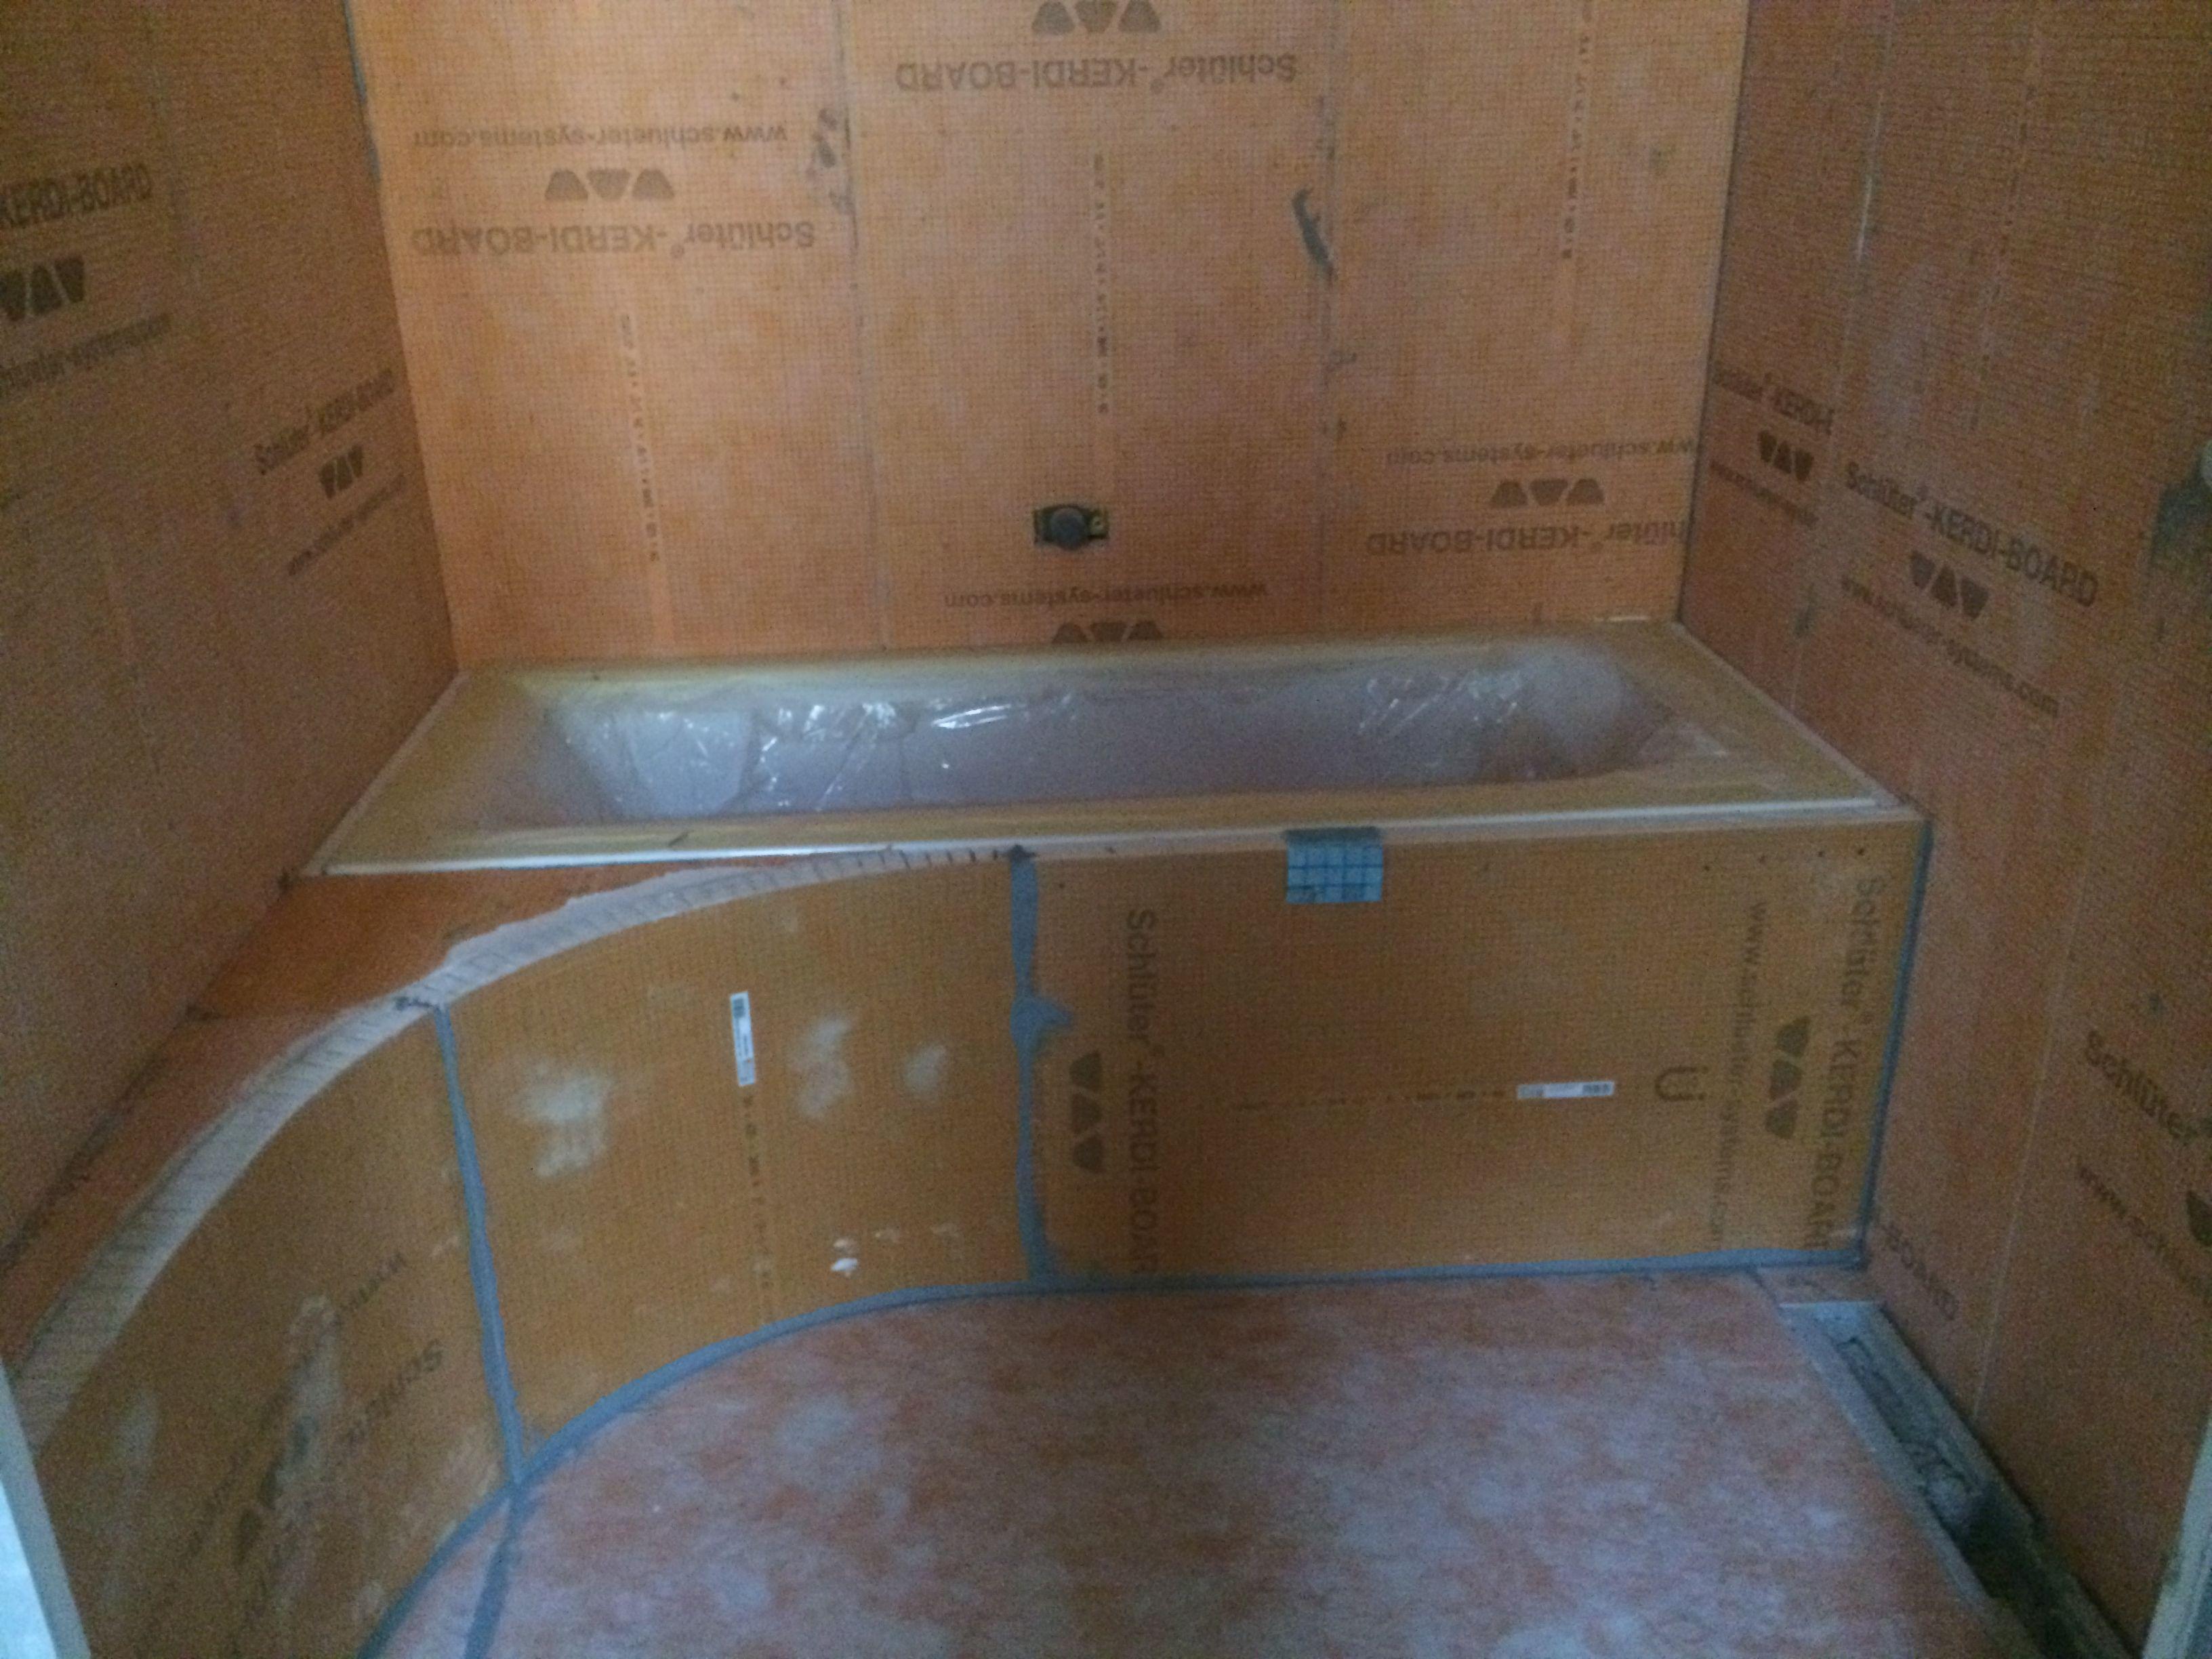 Pannelli per coprire piastrelle bagno excellent bagni in resina scopri e rinnovare il tuo bagno - Pannelli copri piastrelle bagno ...